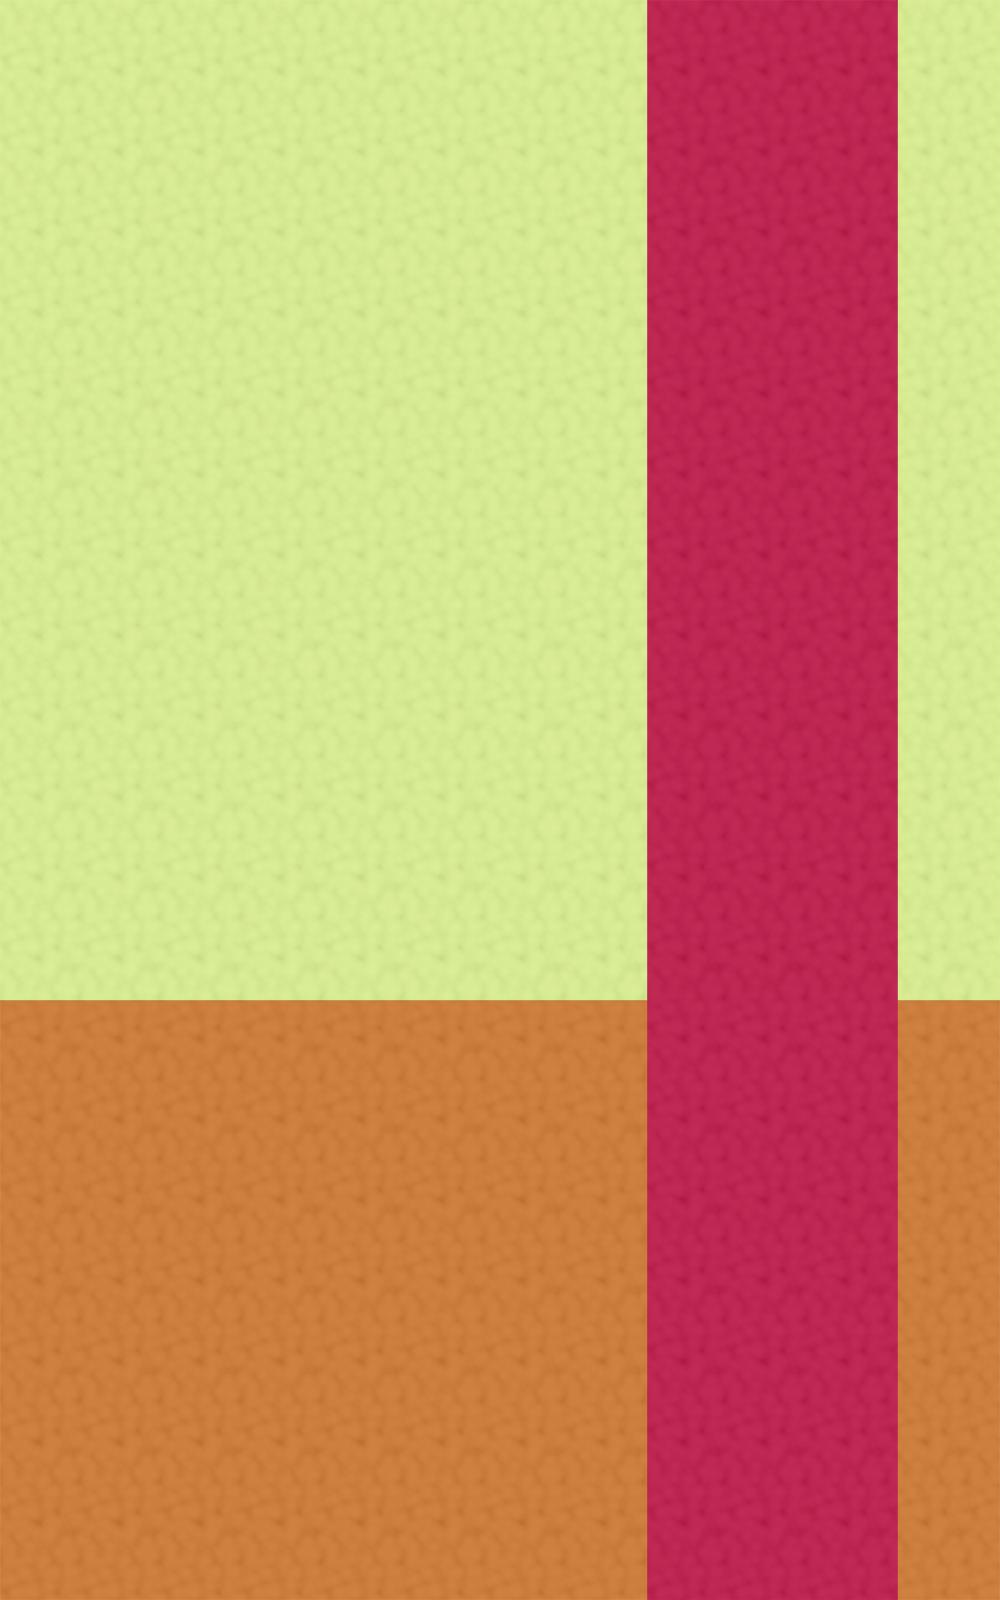 和紙風の表紙画像(2-c)